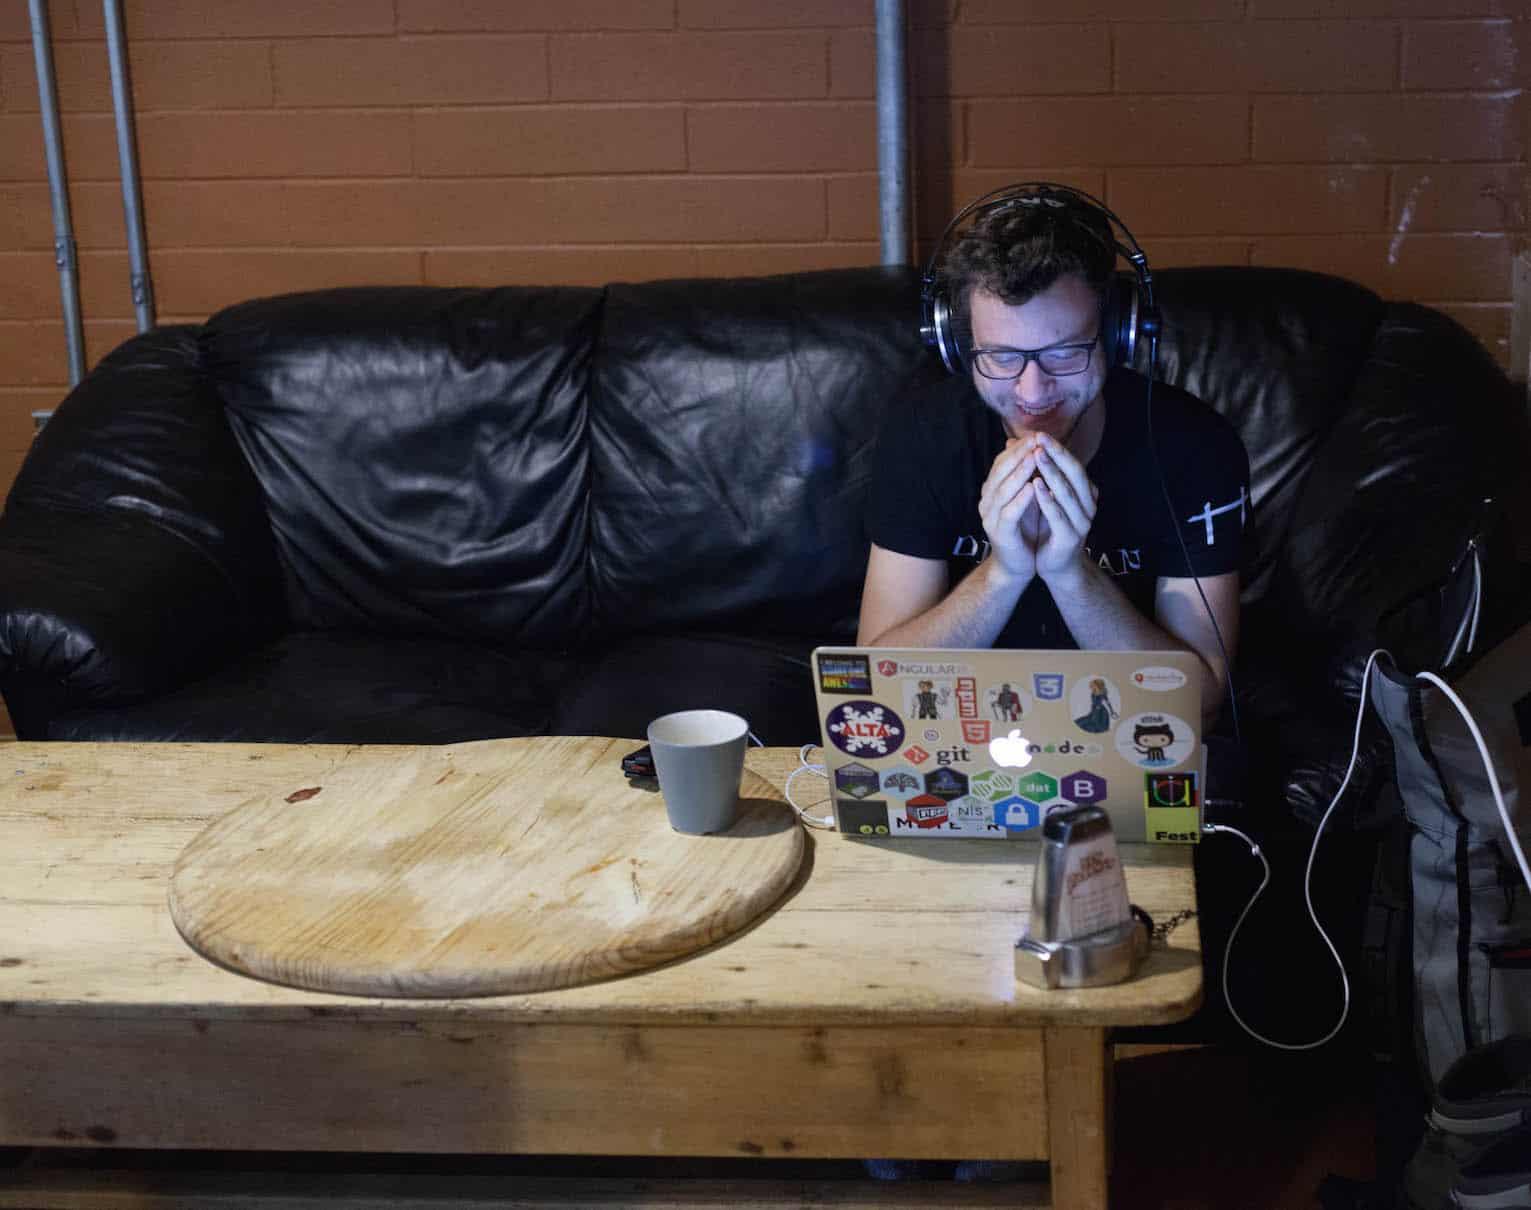 Abból él, hogy részegen teszteli a weboldalakat. Zseniális, őrült vállalkozás ötlet?